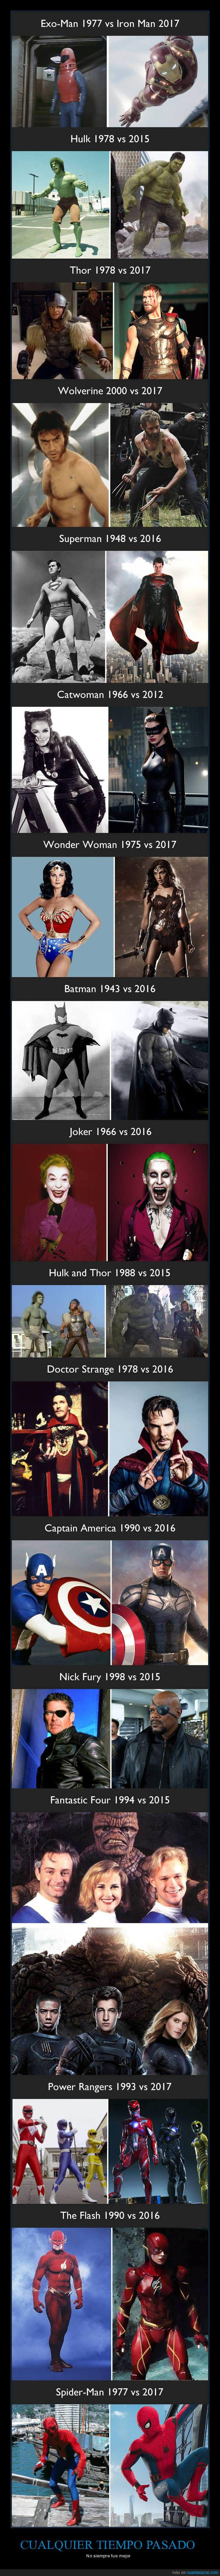 antes,después,superhéroes